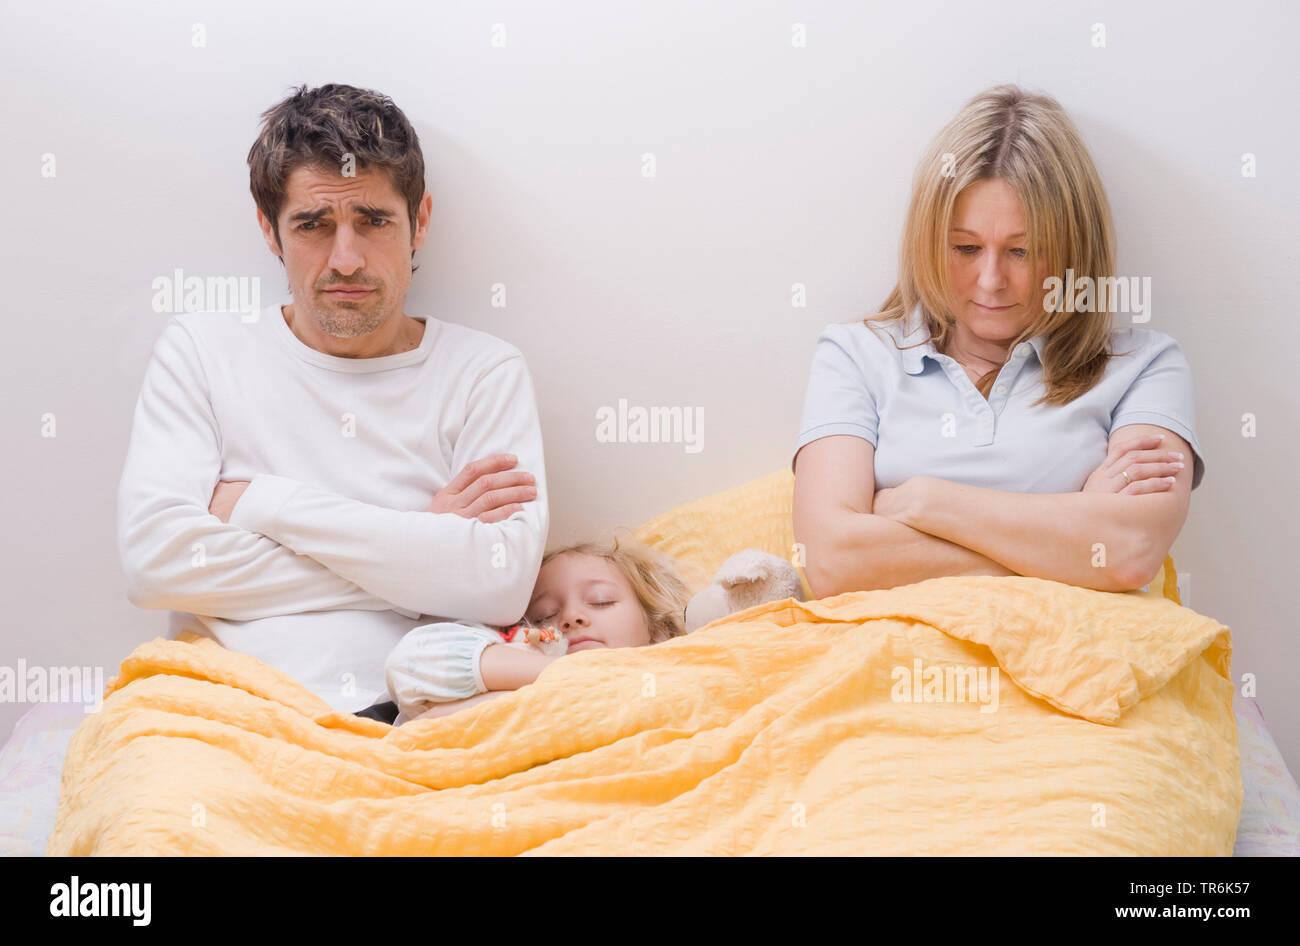 Tochter schlaeft zwischen den Eltern im Ehebett, Eltern sind genervt   daughter sleeping between parents in bed   BLWS485888.jpg [ (c) blickwinkel/McP - Stock Image